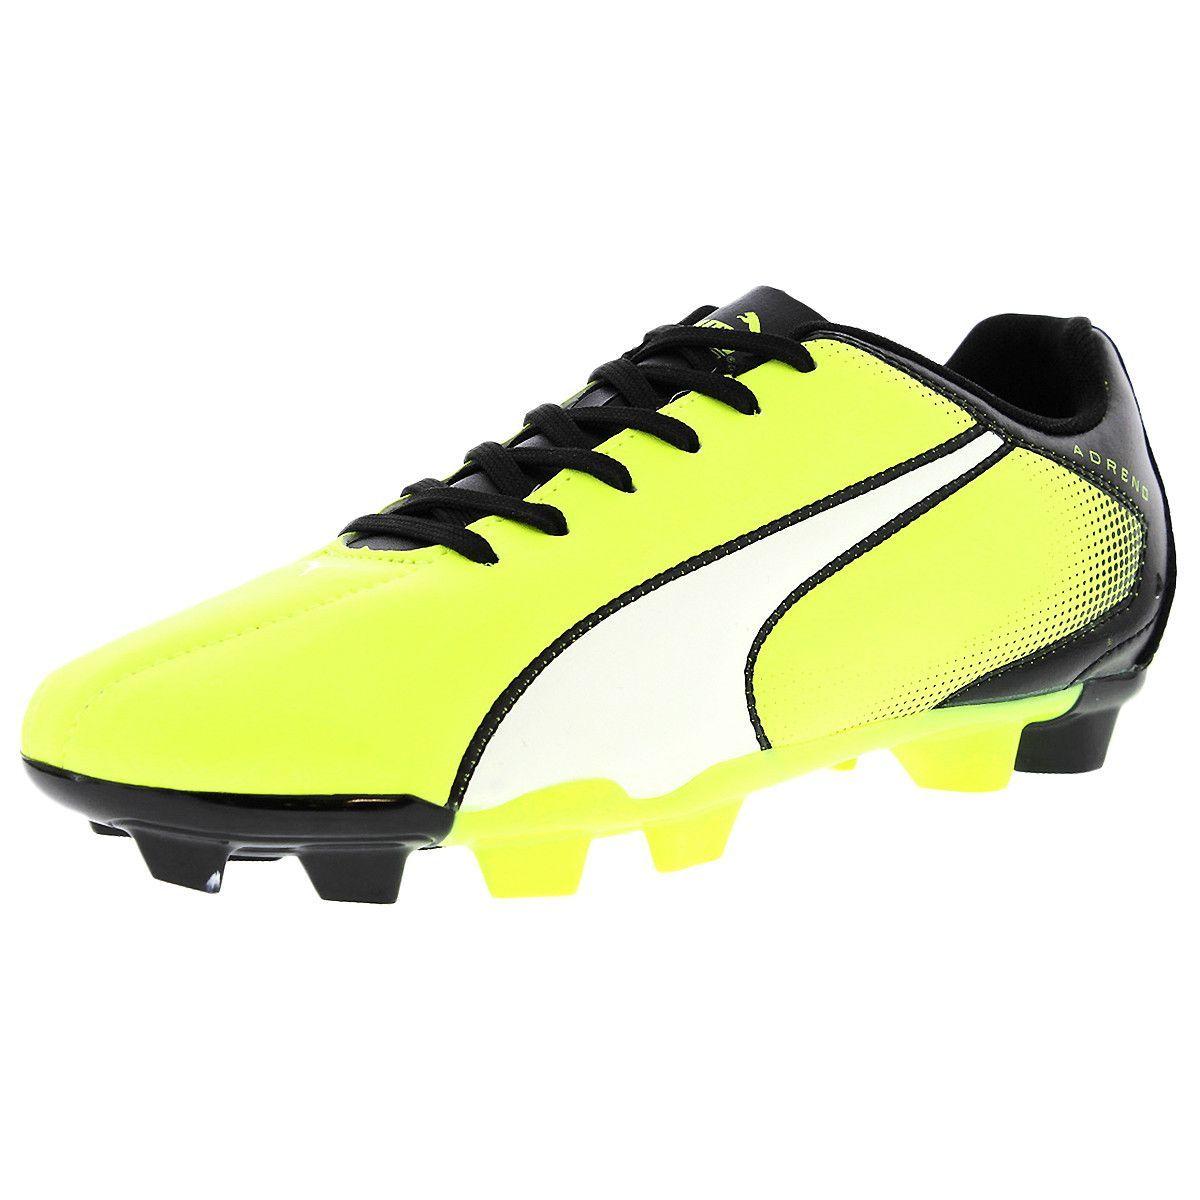 Black PUMA Adreno FG Boys Soccer Boots//Cleats